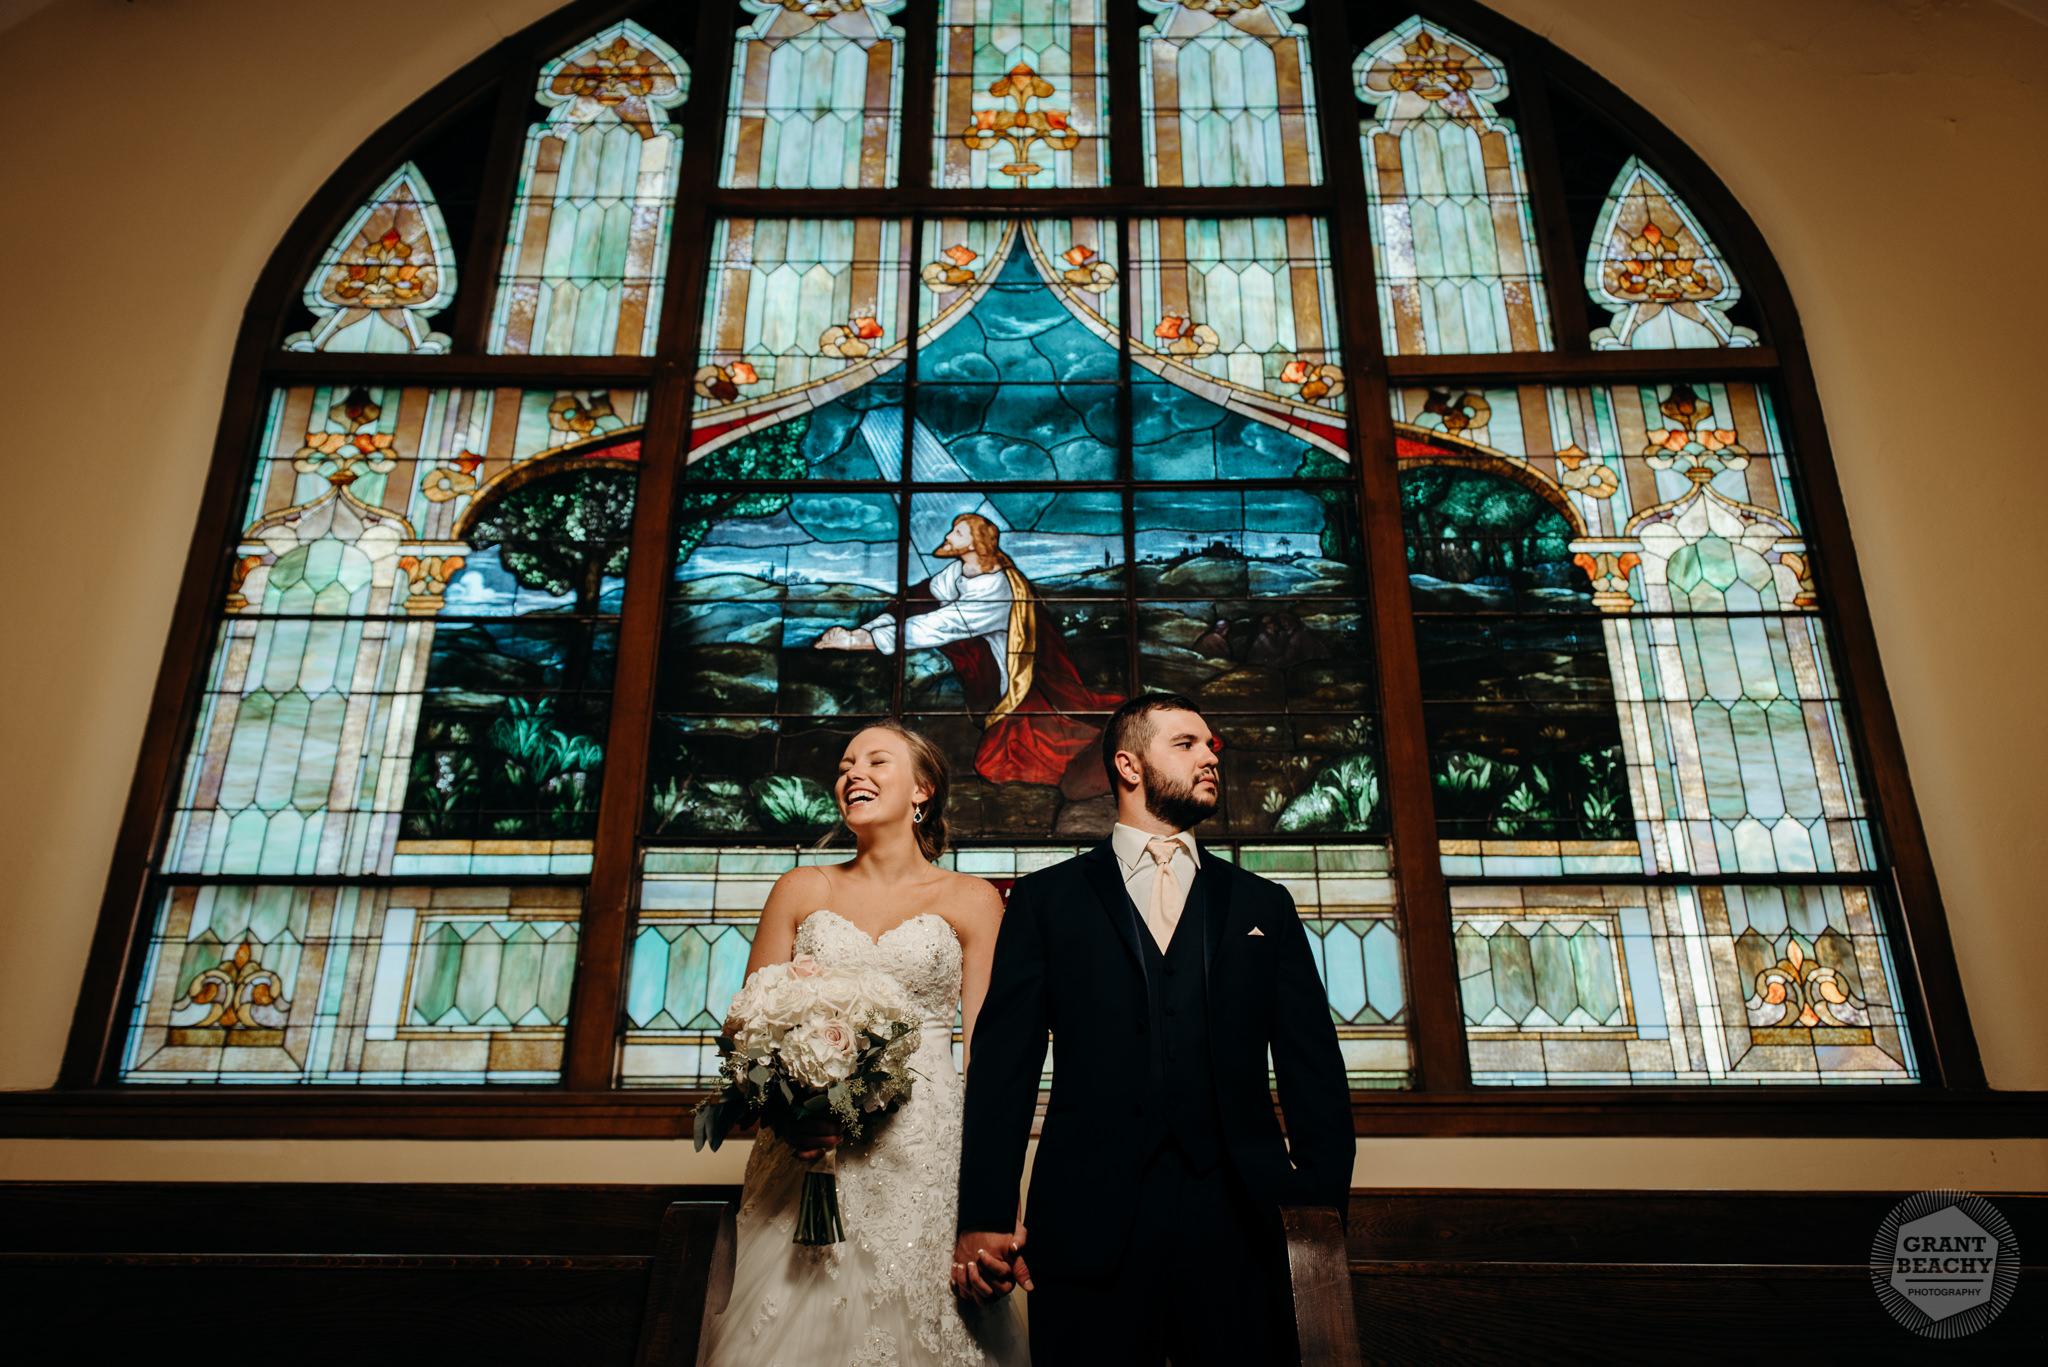 Best of Weddings 2017 Grant Beachy-00029.jpg